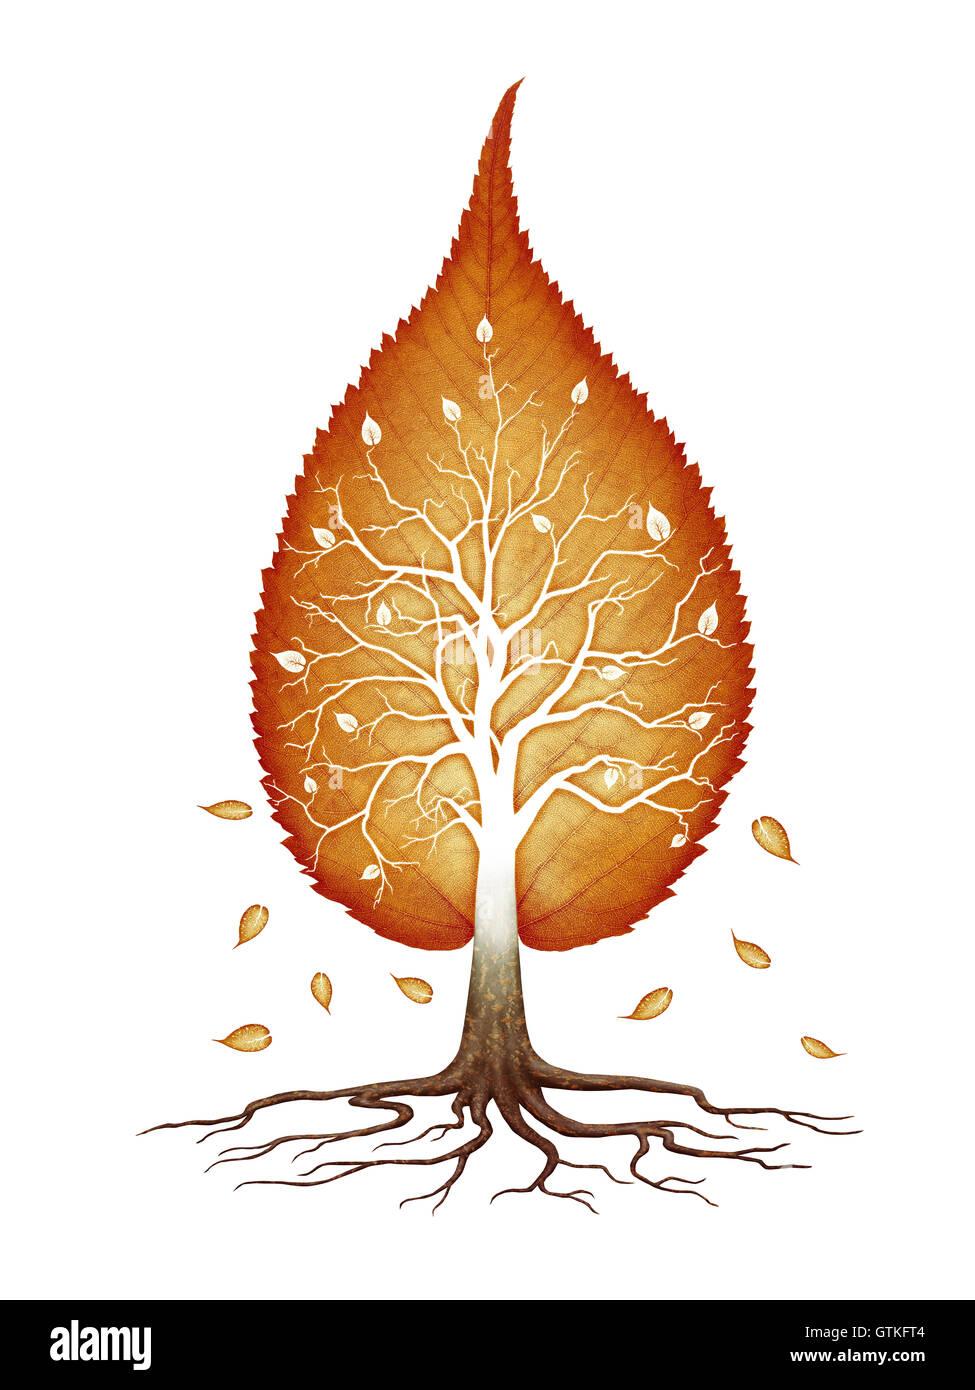 Autunno rosso a forma di foglie di albero con rami e radici natura infinita frattali, spirituale zen, il concetto Immagini Stock